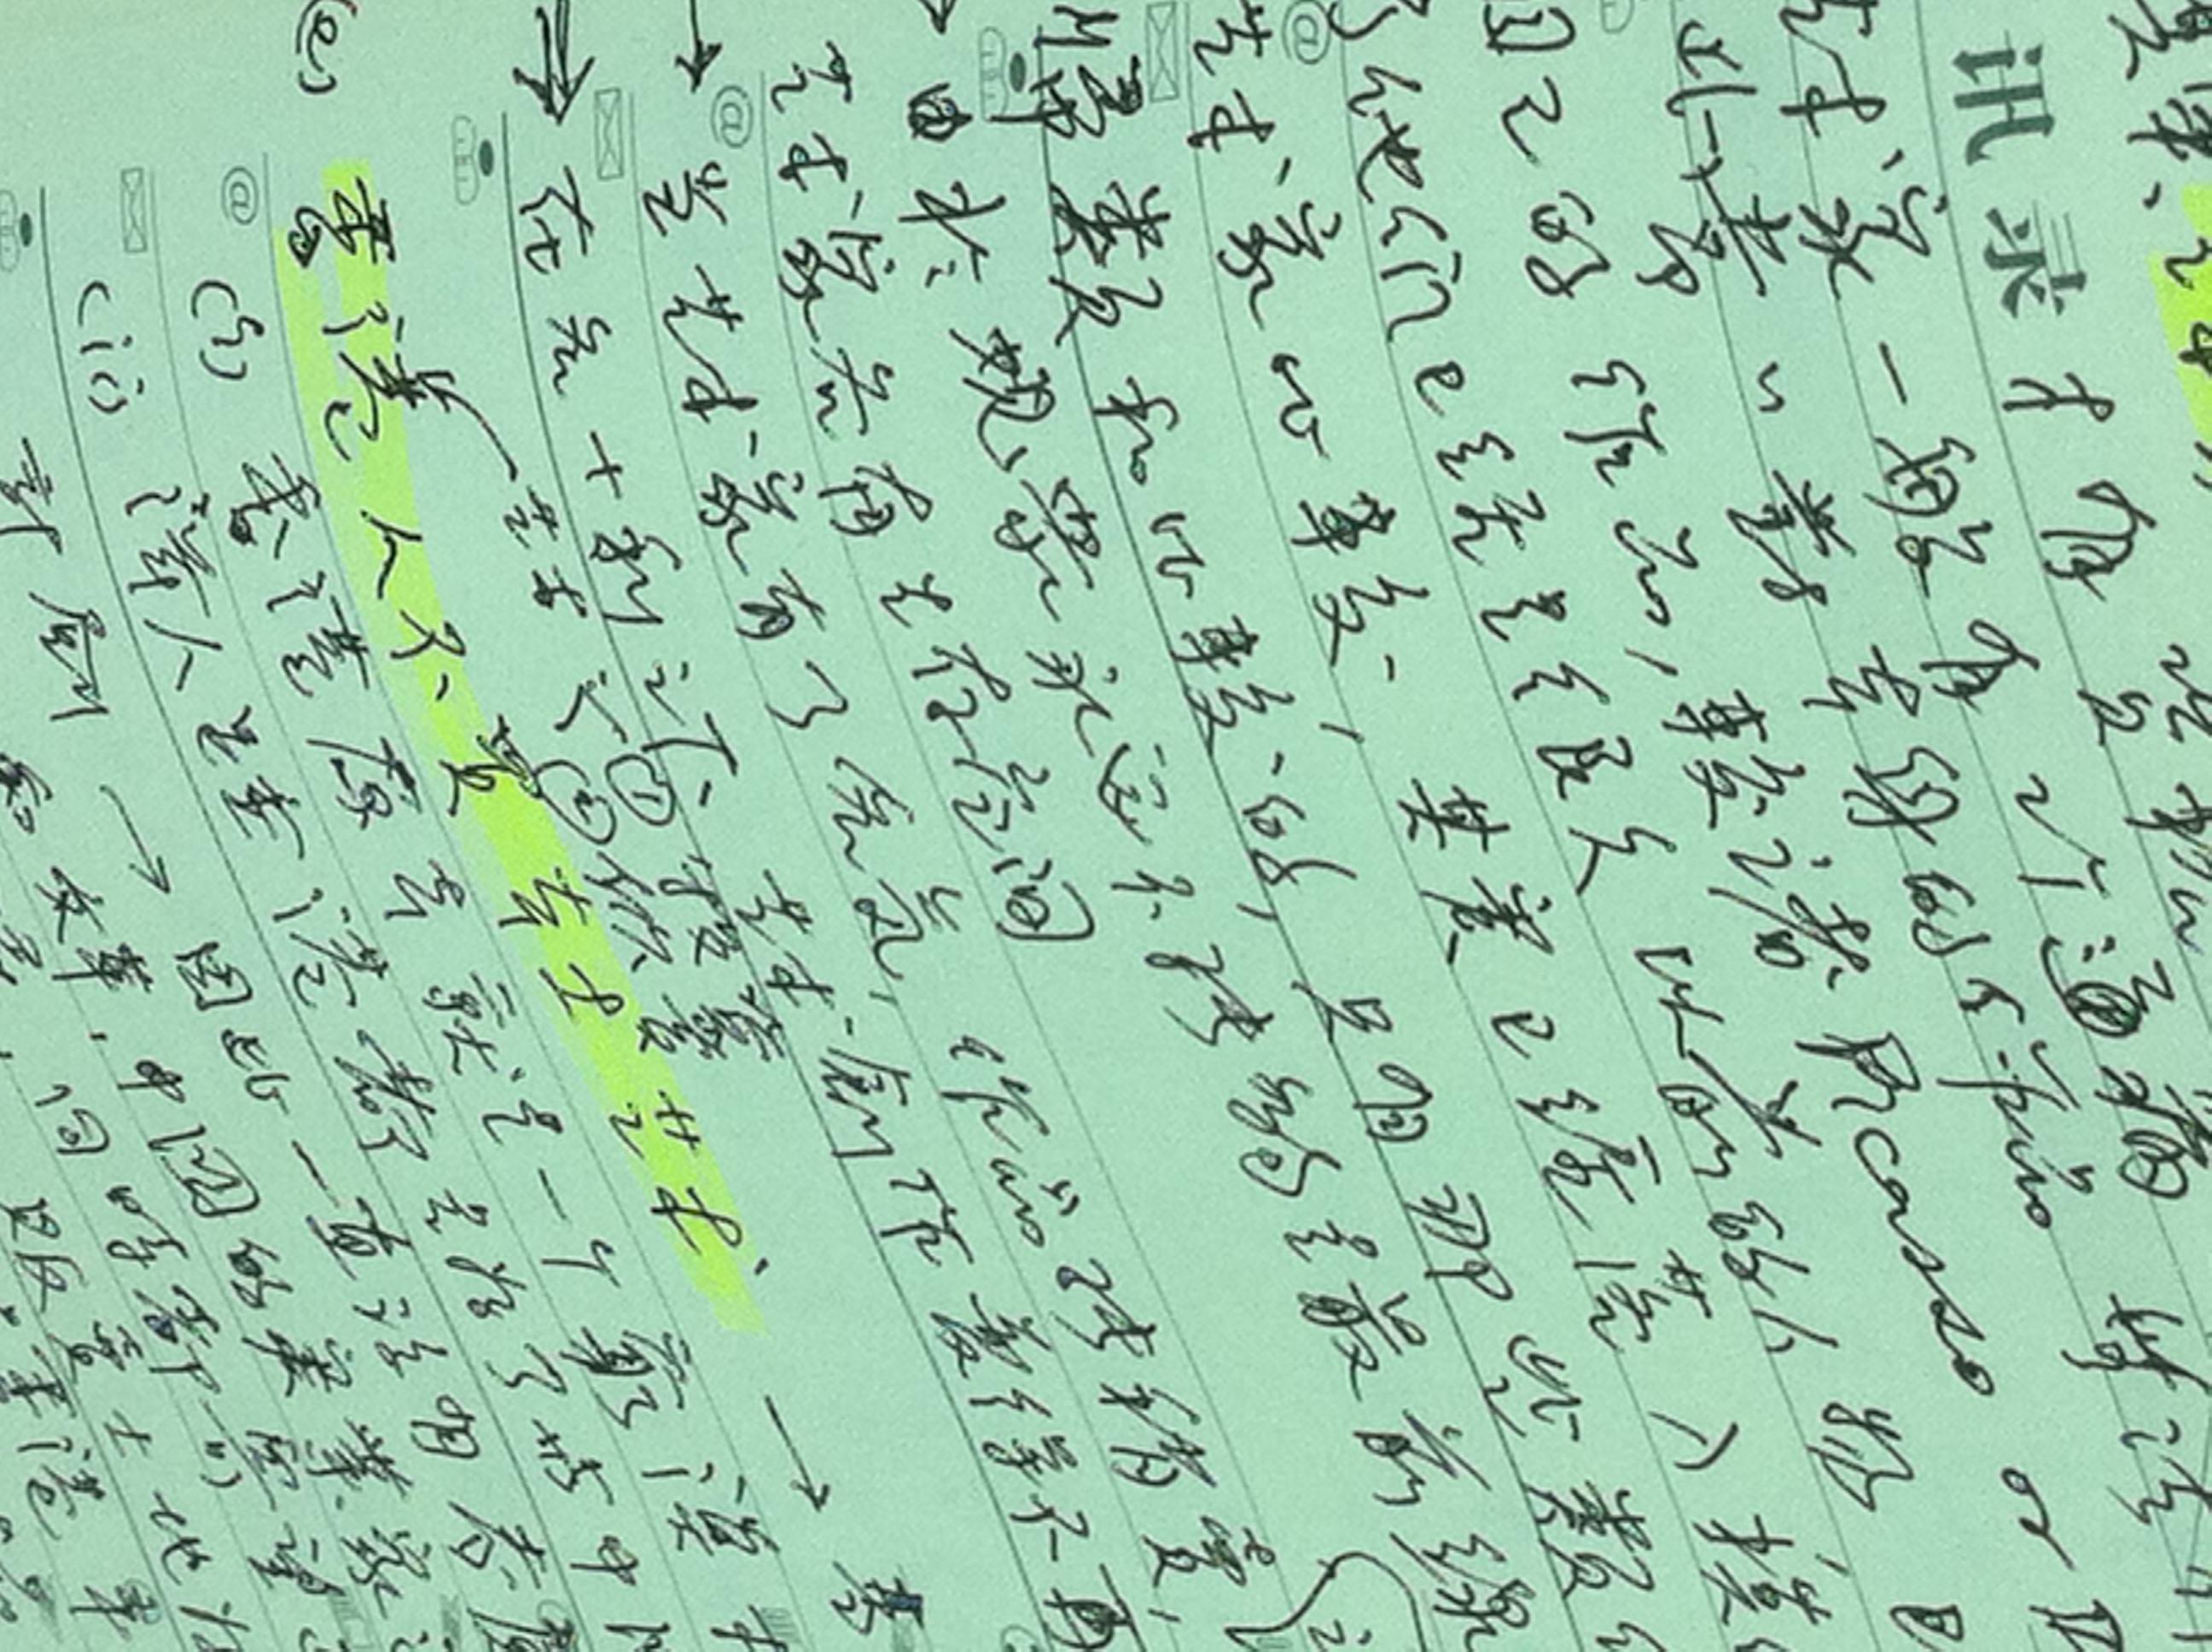 腦作大業 064 – 藝術家鄧凝姿與翟宗浩對談